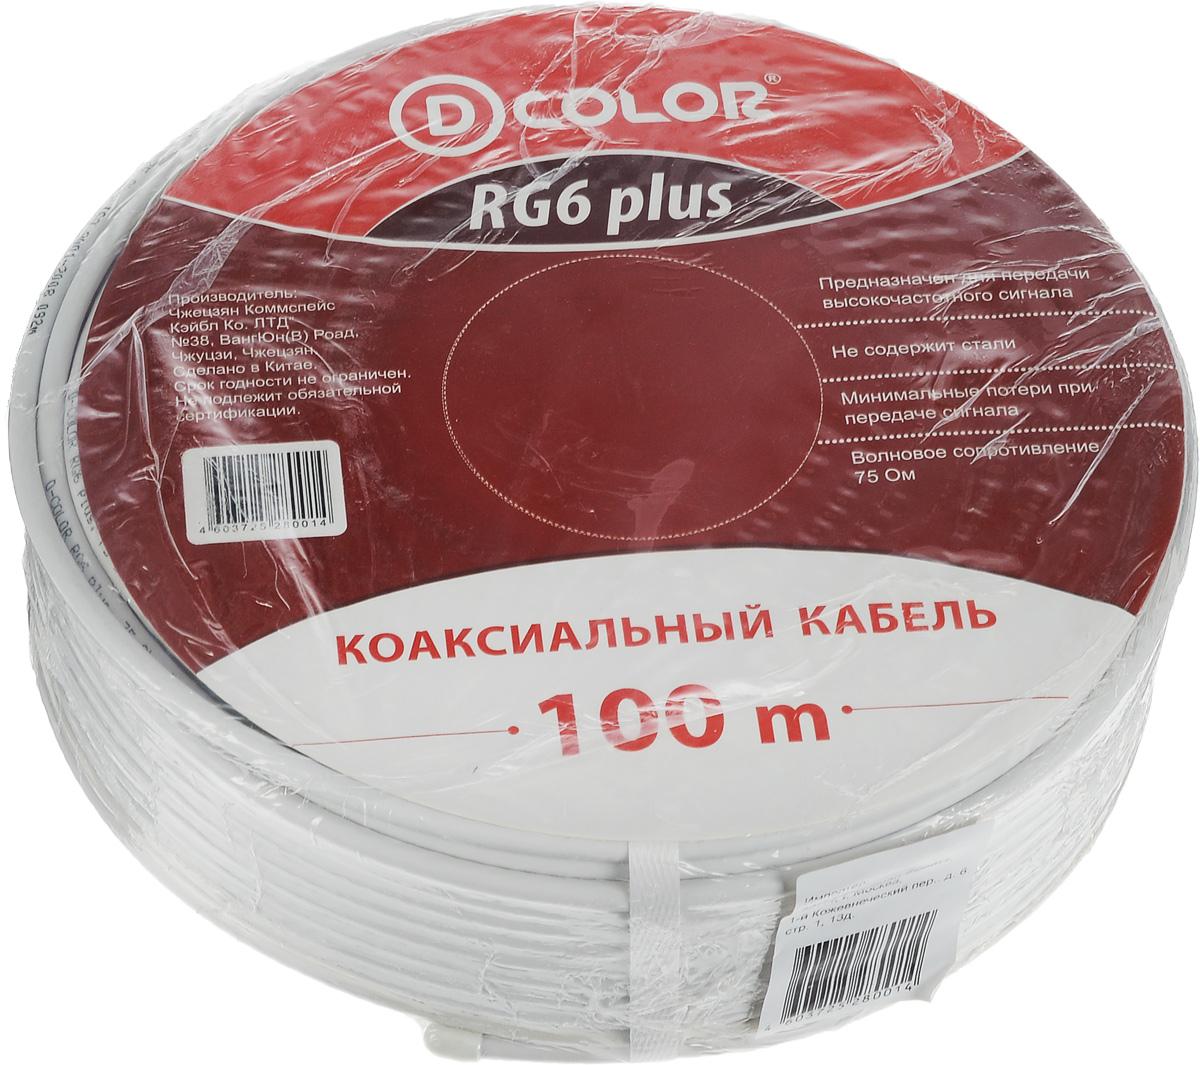 D-Color RG6 Plus кабель коаксиальный4603725280014D-Color RG6 Plus - кабель без содержания стали, что способствует меньшей коррозийности и большей долговечности. Используется для передачи высокочастотных сигналов. Применяется для подключения телевизионной и видеотехники.Центральная жила состоит из омедненного алюминия диаметром 1,02 мм. Окружена изоляцией из вспененного полиэтилена. Алюминиевый экран имеет дополнительную оплетку, состоящую из алюминиевых жил диаметром 0,12 мм каждая, что обеспечивает электрическую непрерывность. Внешняя оболочка изготовлена из ПВХ белого цвета с разметкой метража. Волновое сопротивление составляет 75 Ом.Количество жил: 64Диаметр центральной жилы: 1,02 ммЭкран: алюминиевая фольгаОплетка: алюминий